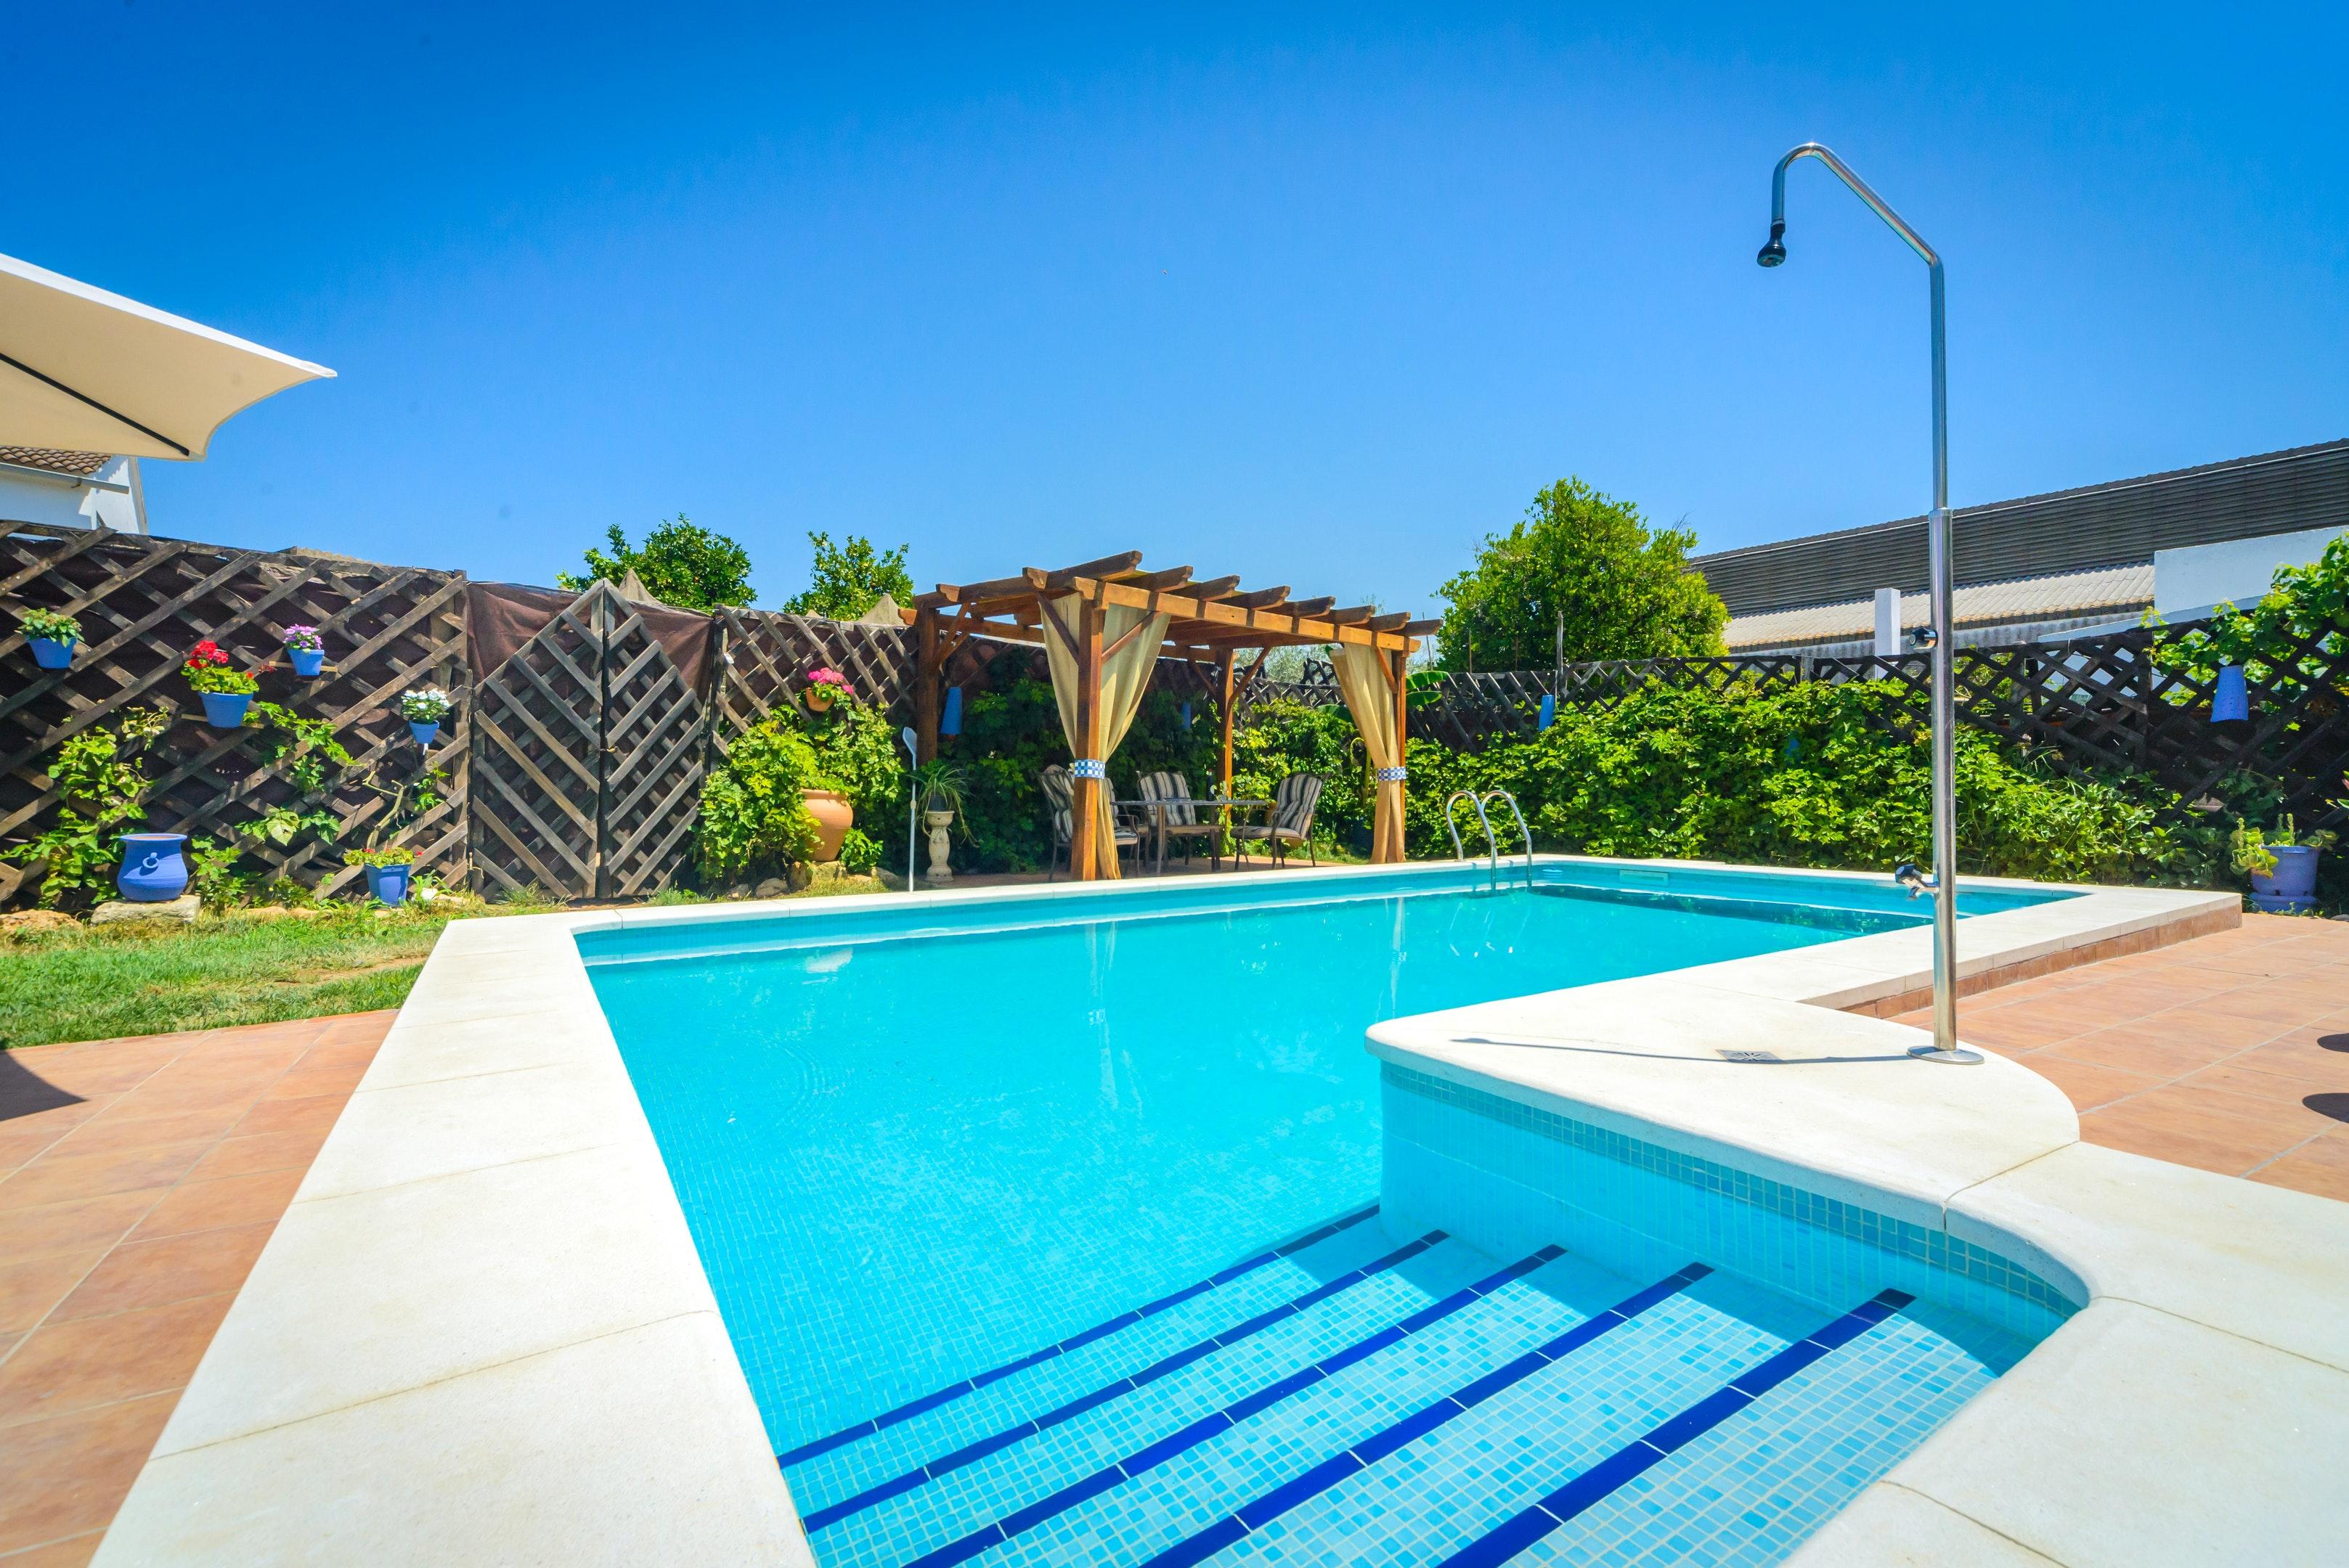 Ferienhaus Villa mit 3 Schlafzimmern in Peñaflor mit privatem Pool, eingezäuntem Garten und W-LAN (2208249), Peñaflor, Sevilla, Andalusien, Spanien, Bild 2